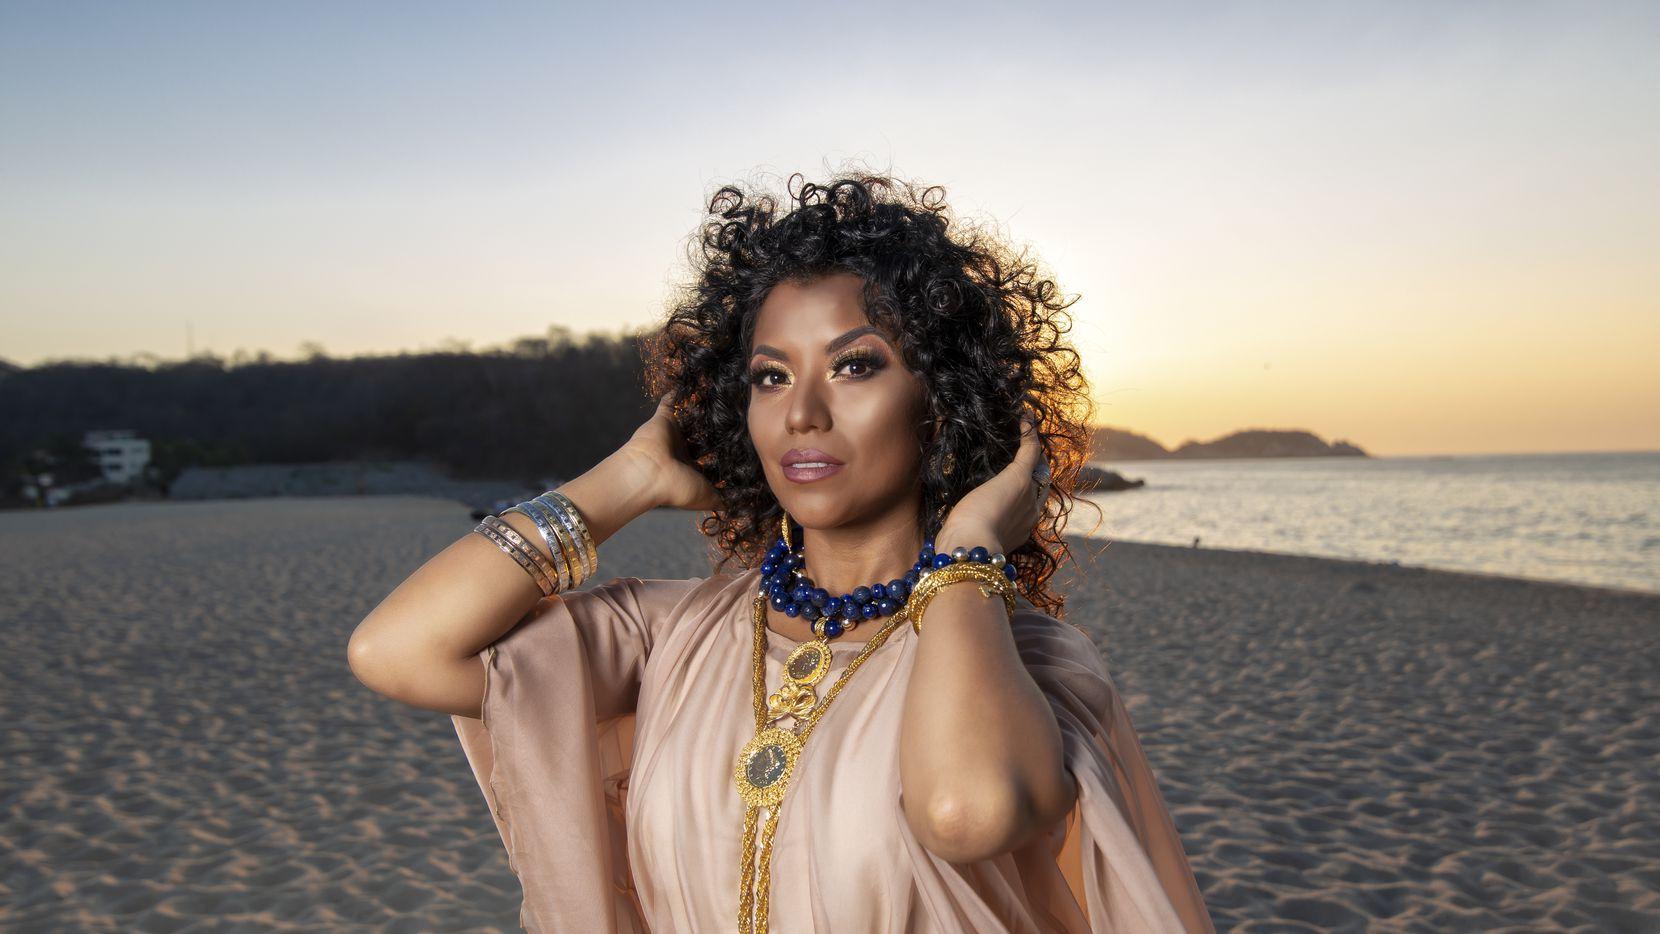 La cantante y bailarina Alejandra Robles destacará su herencia afromexicana en su presentación este jueves.